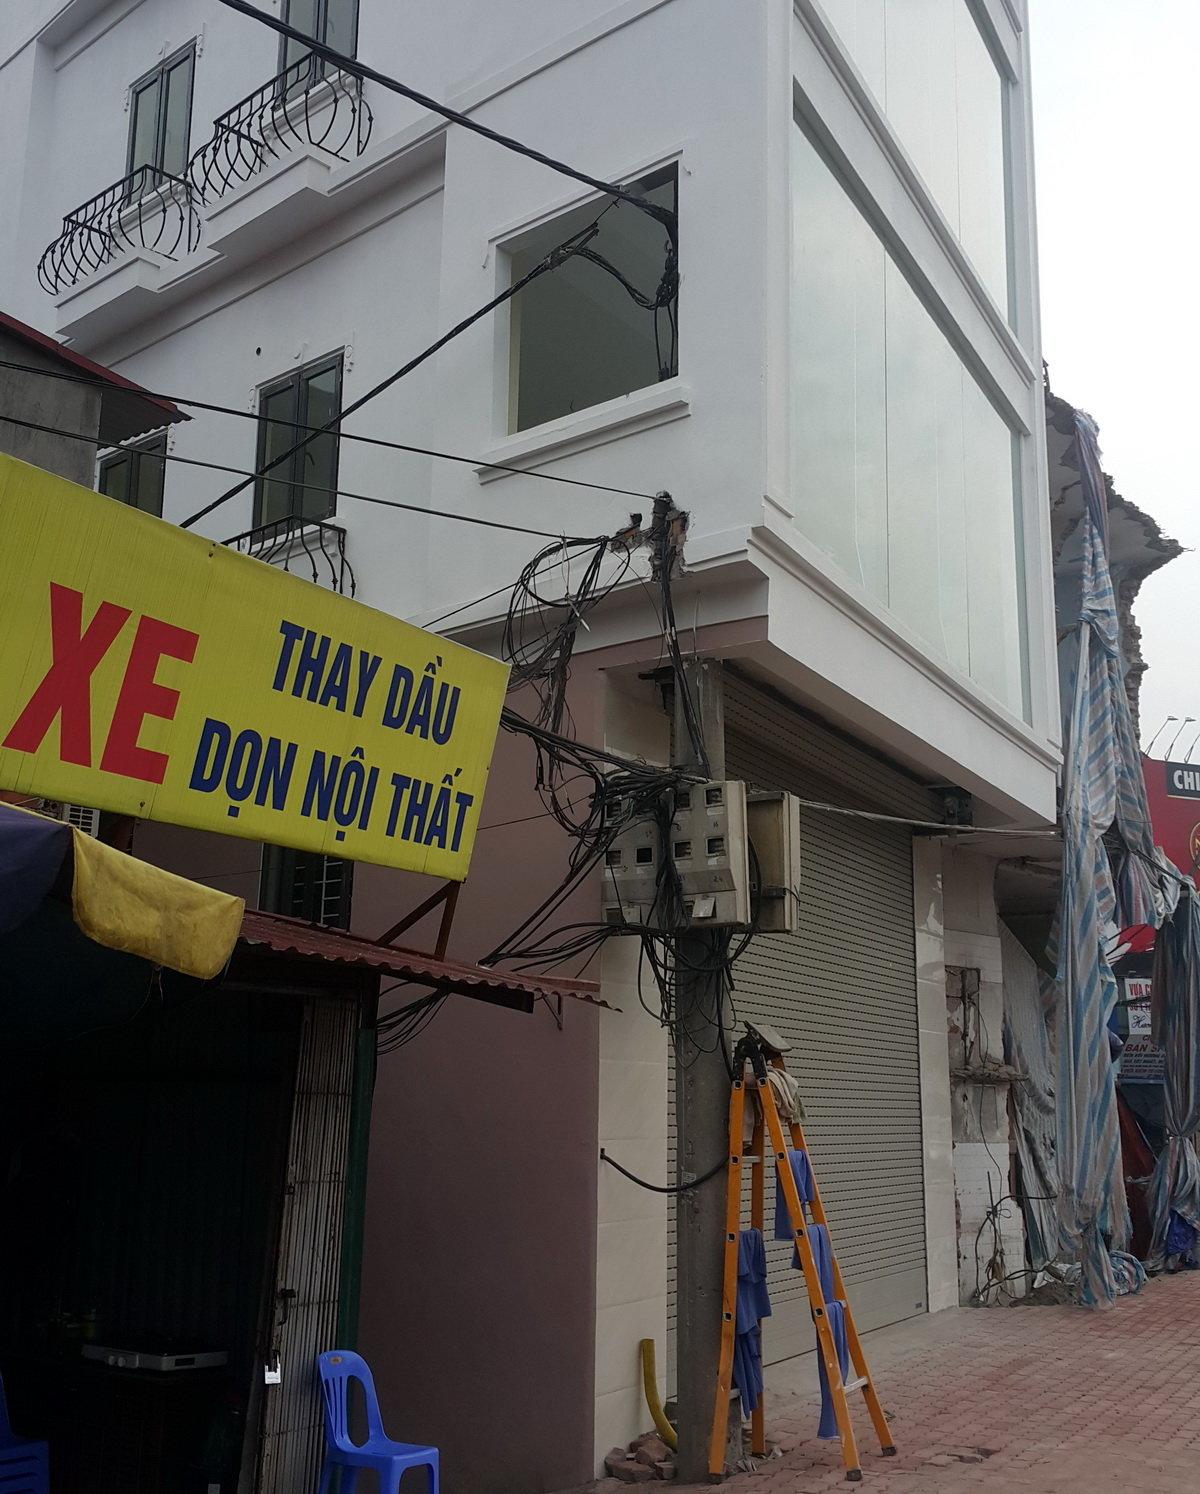 Cột điện vẫn đang truyền tải điện được chủ nhà xây tường ôm lại - Ảnh: LÂM HOÀI